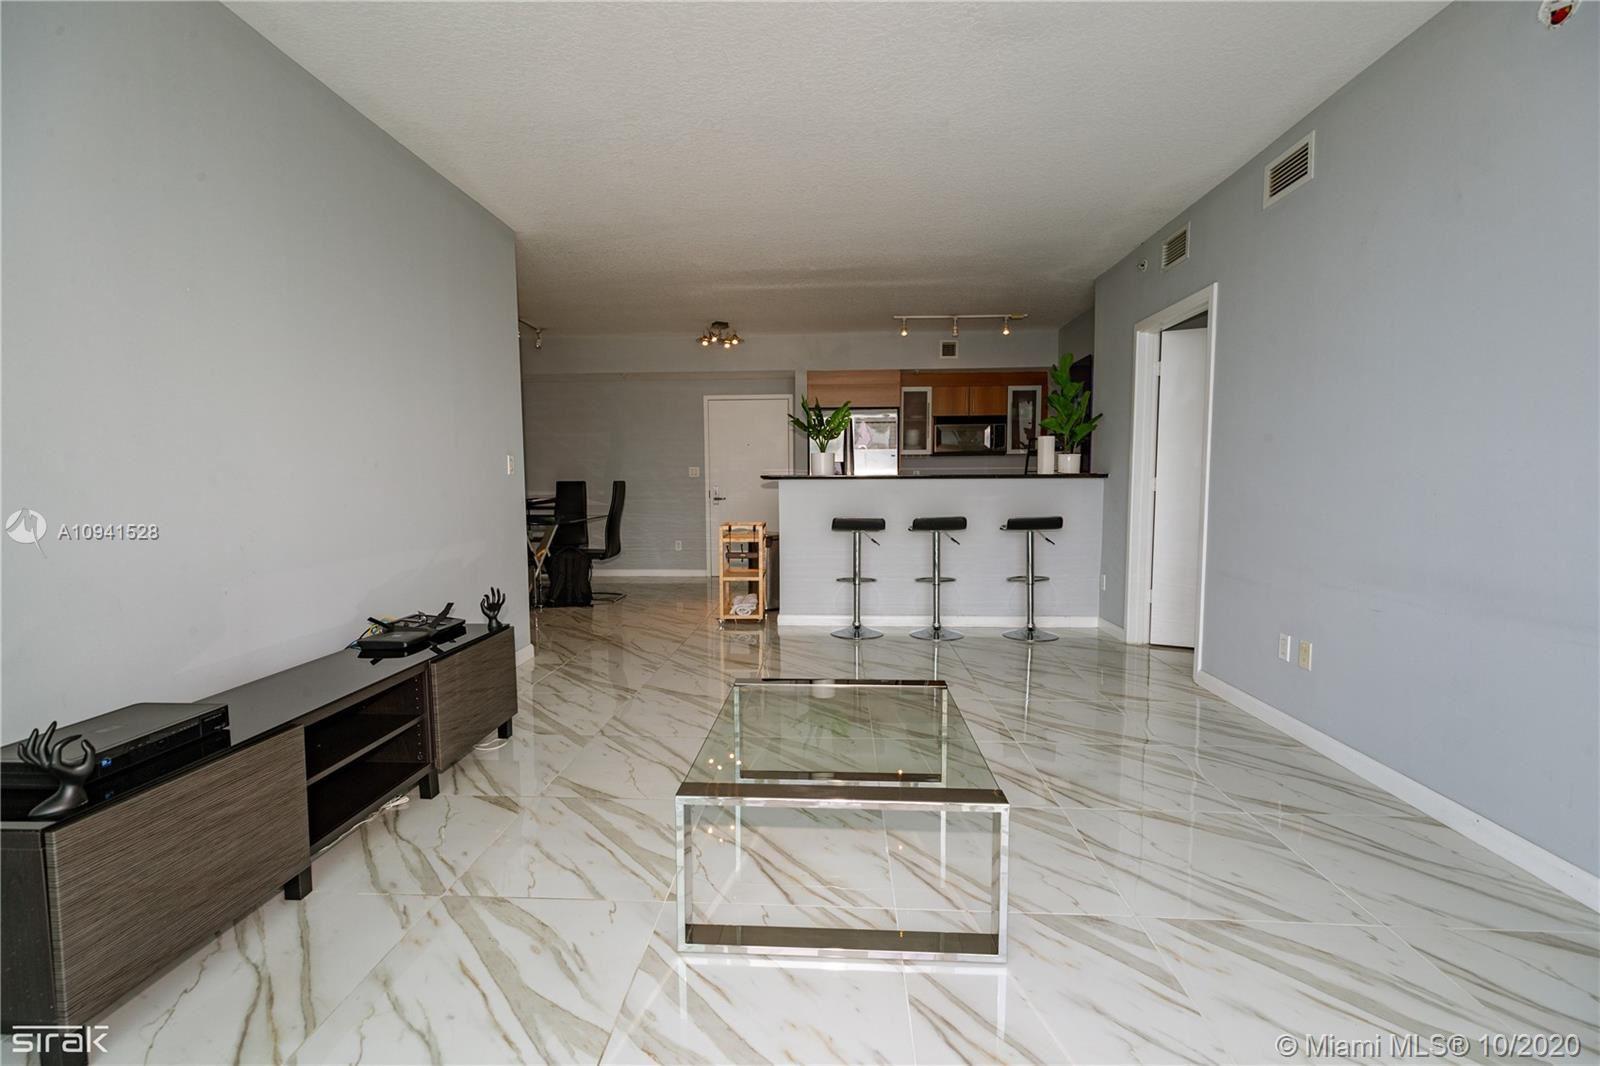 335 S Biscayne Blvd #4208, Miami, FL 33131 - #: A10941528